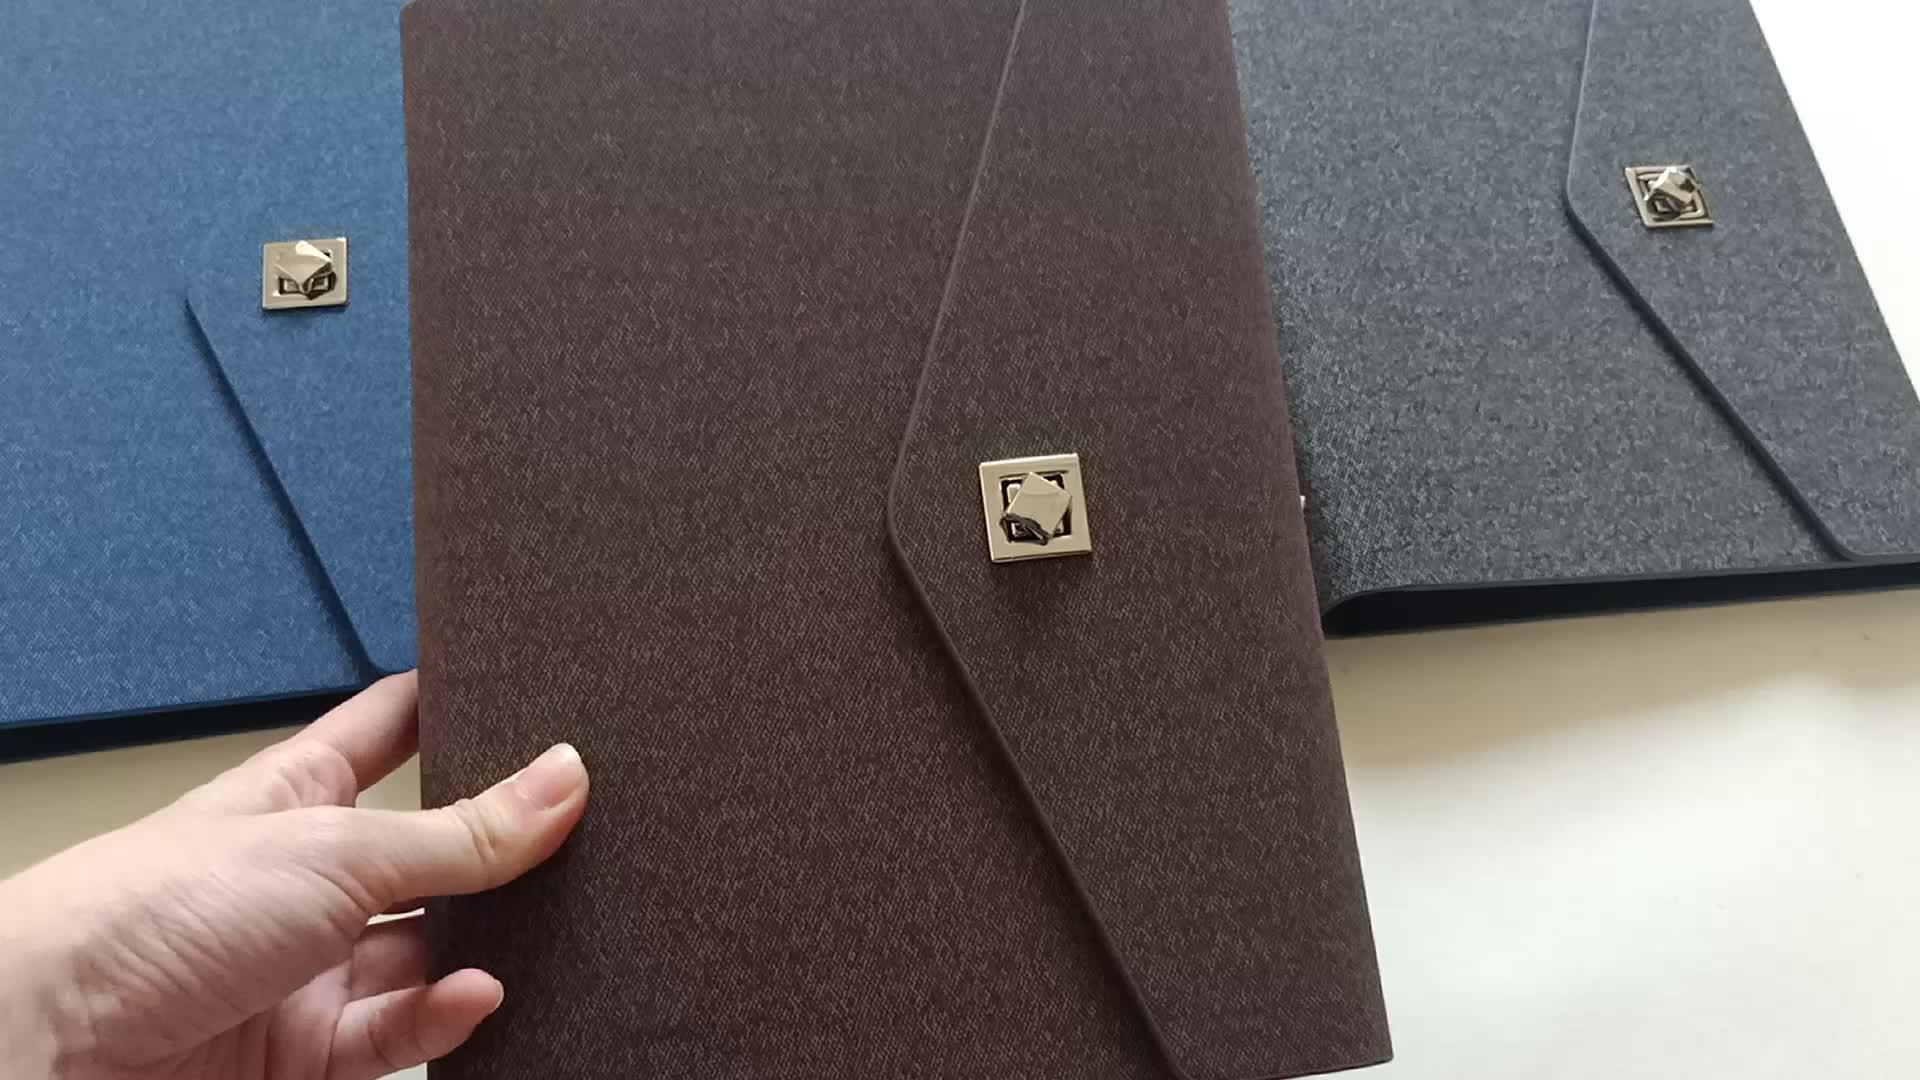 Kantor Perusahaan Pribadi Diary Jurnal Planner Agenda 2020 dengan 6 Ring Binder